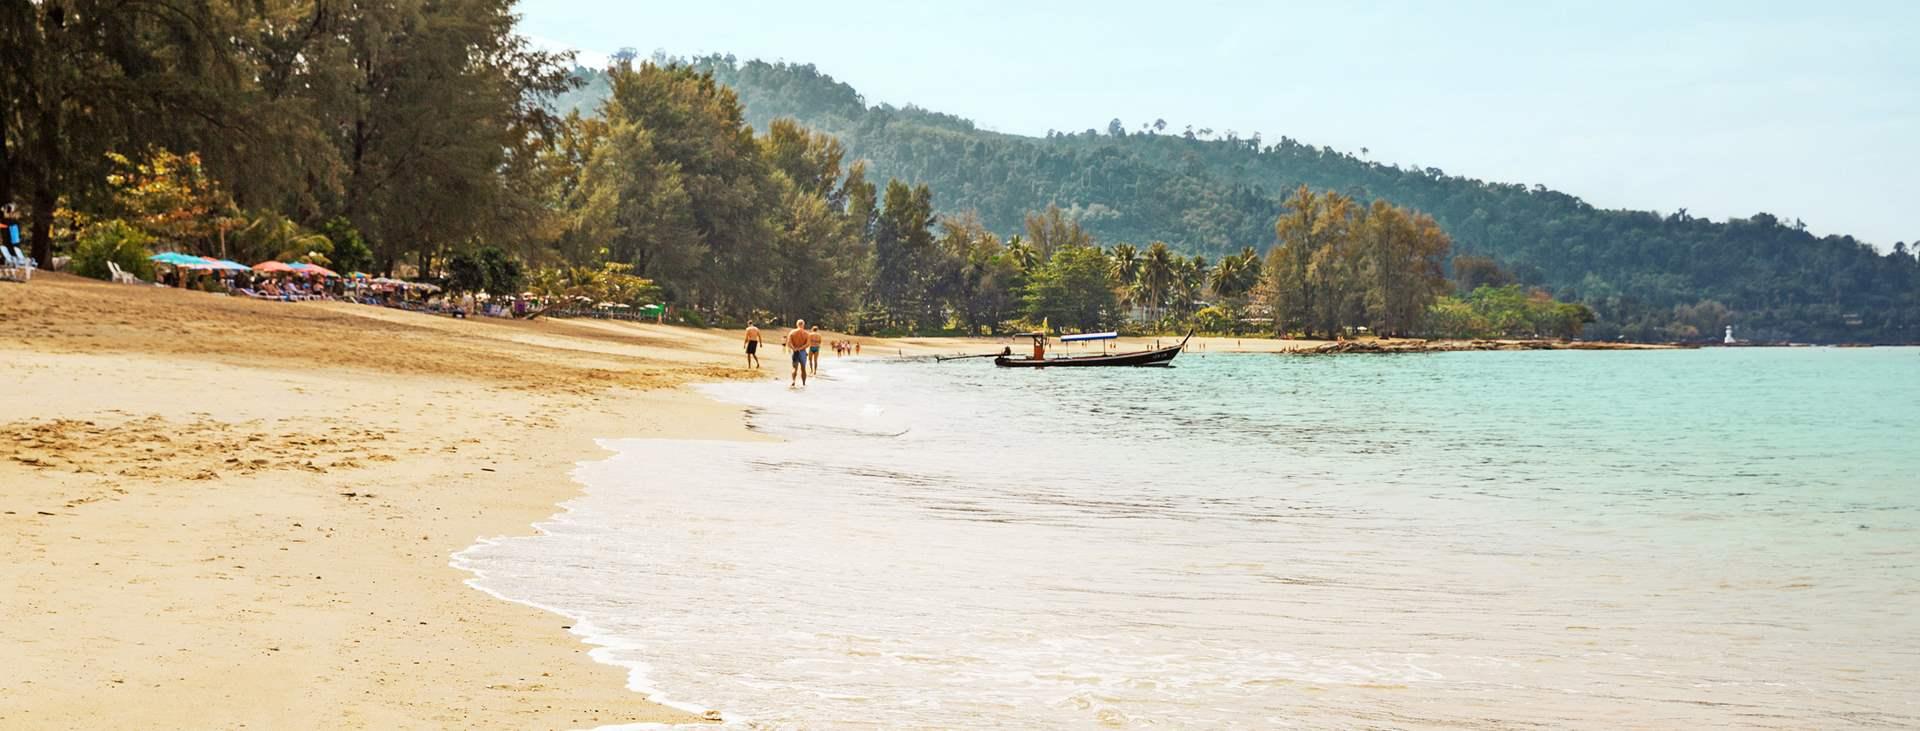 Bestill en reise med Ving til Khao Lak i Thailand